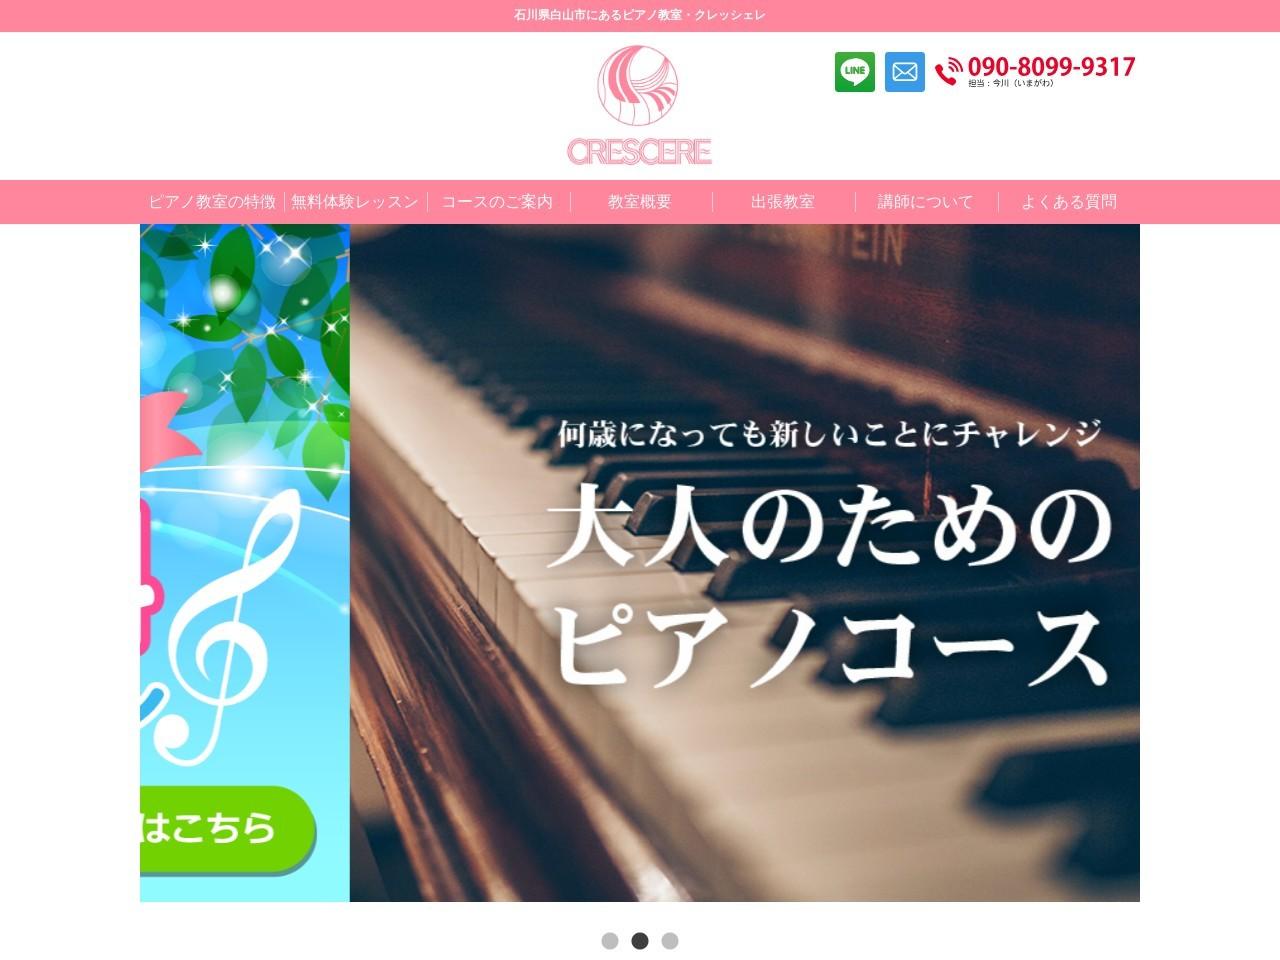 クレッシェレピアノ教室のサムネイル